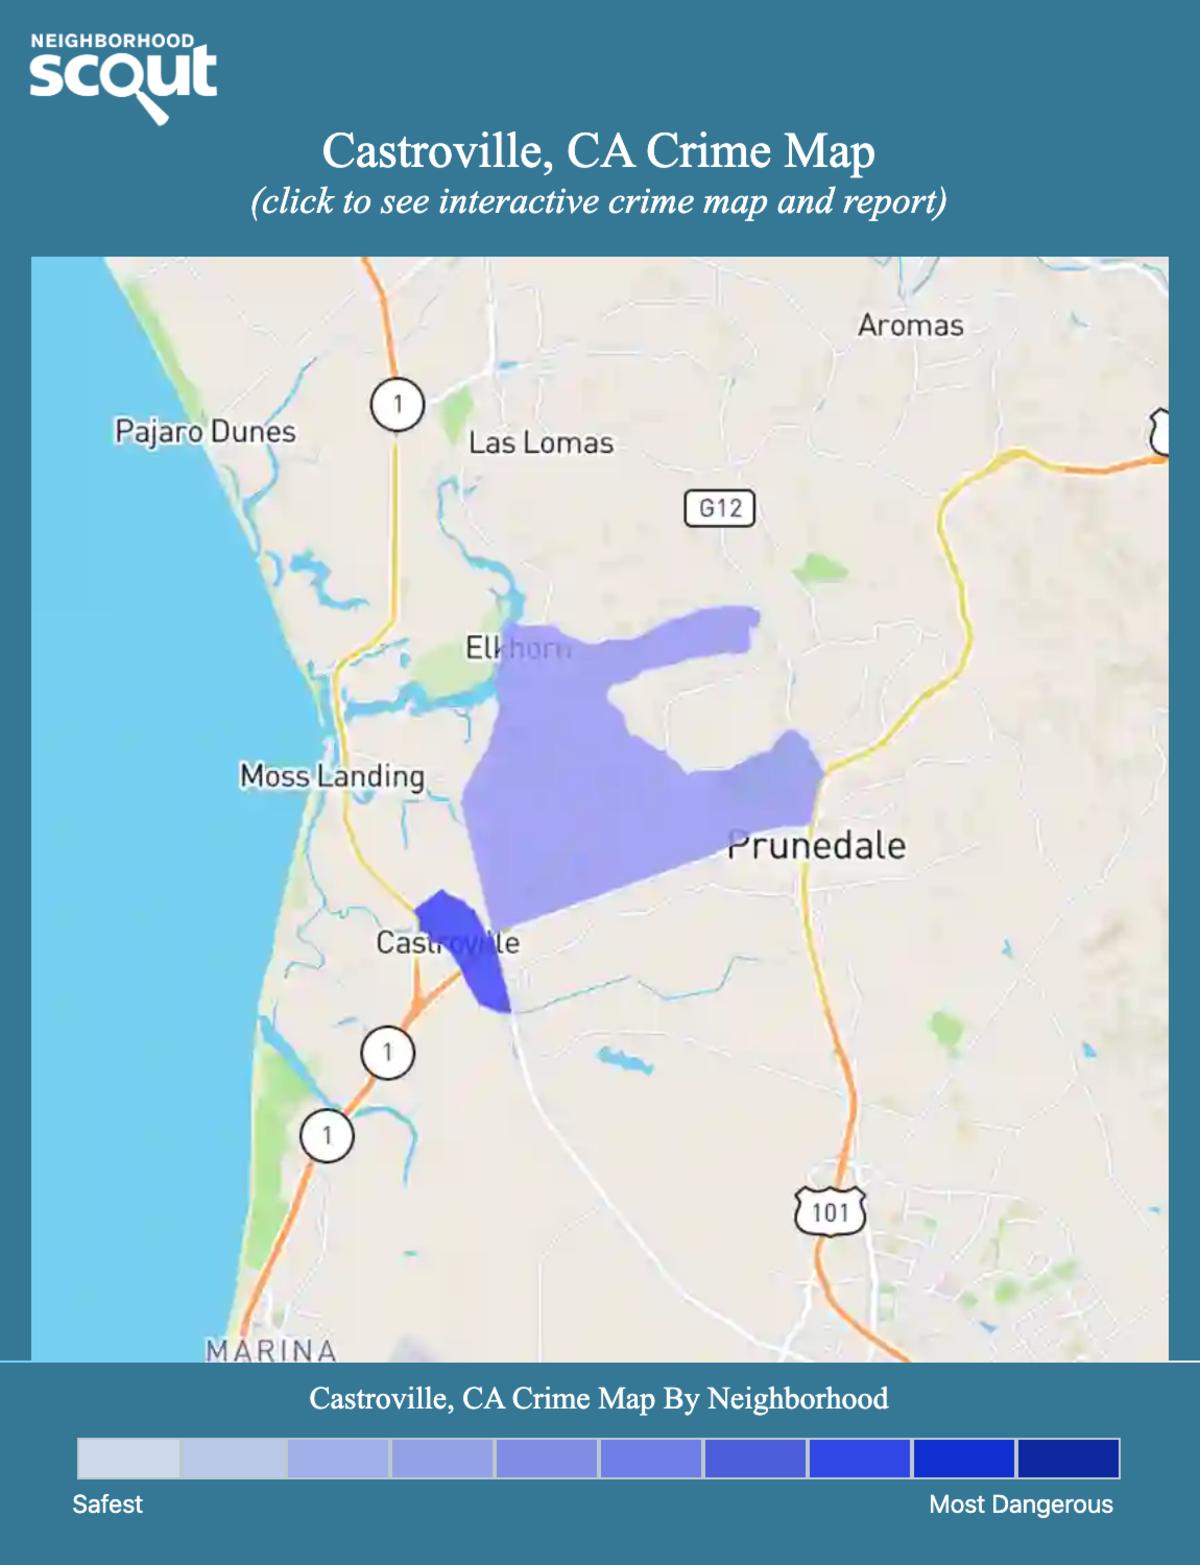 Castroville, California crime map